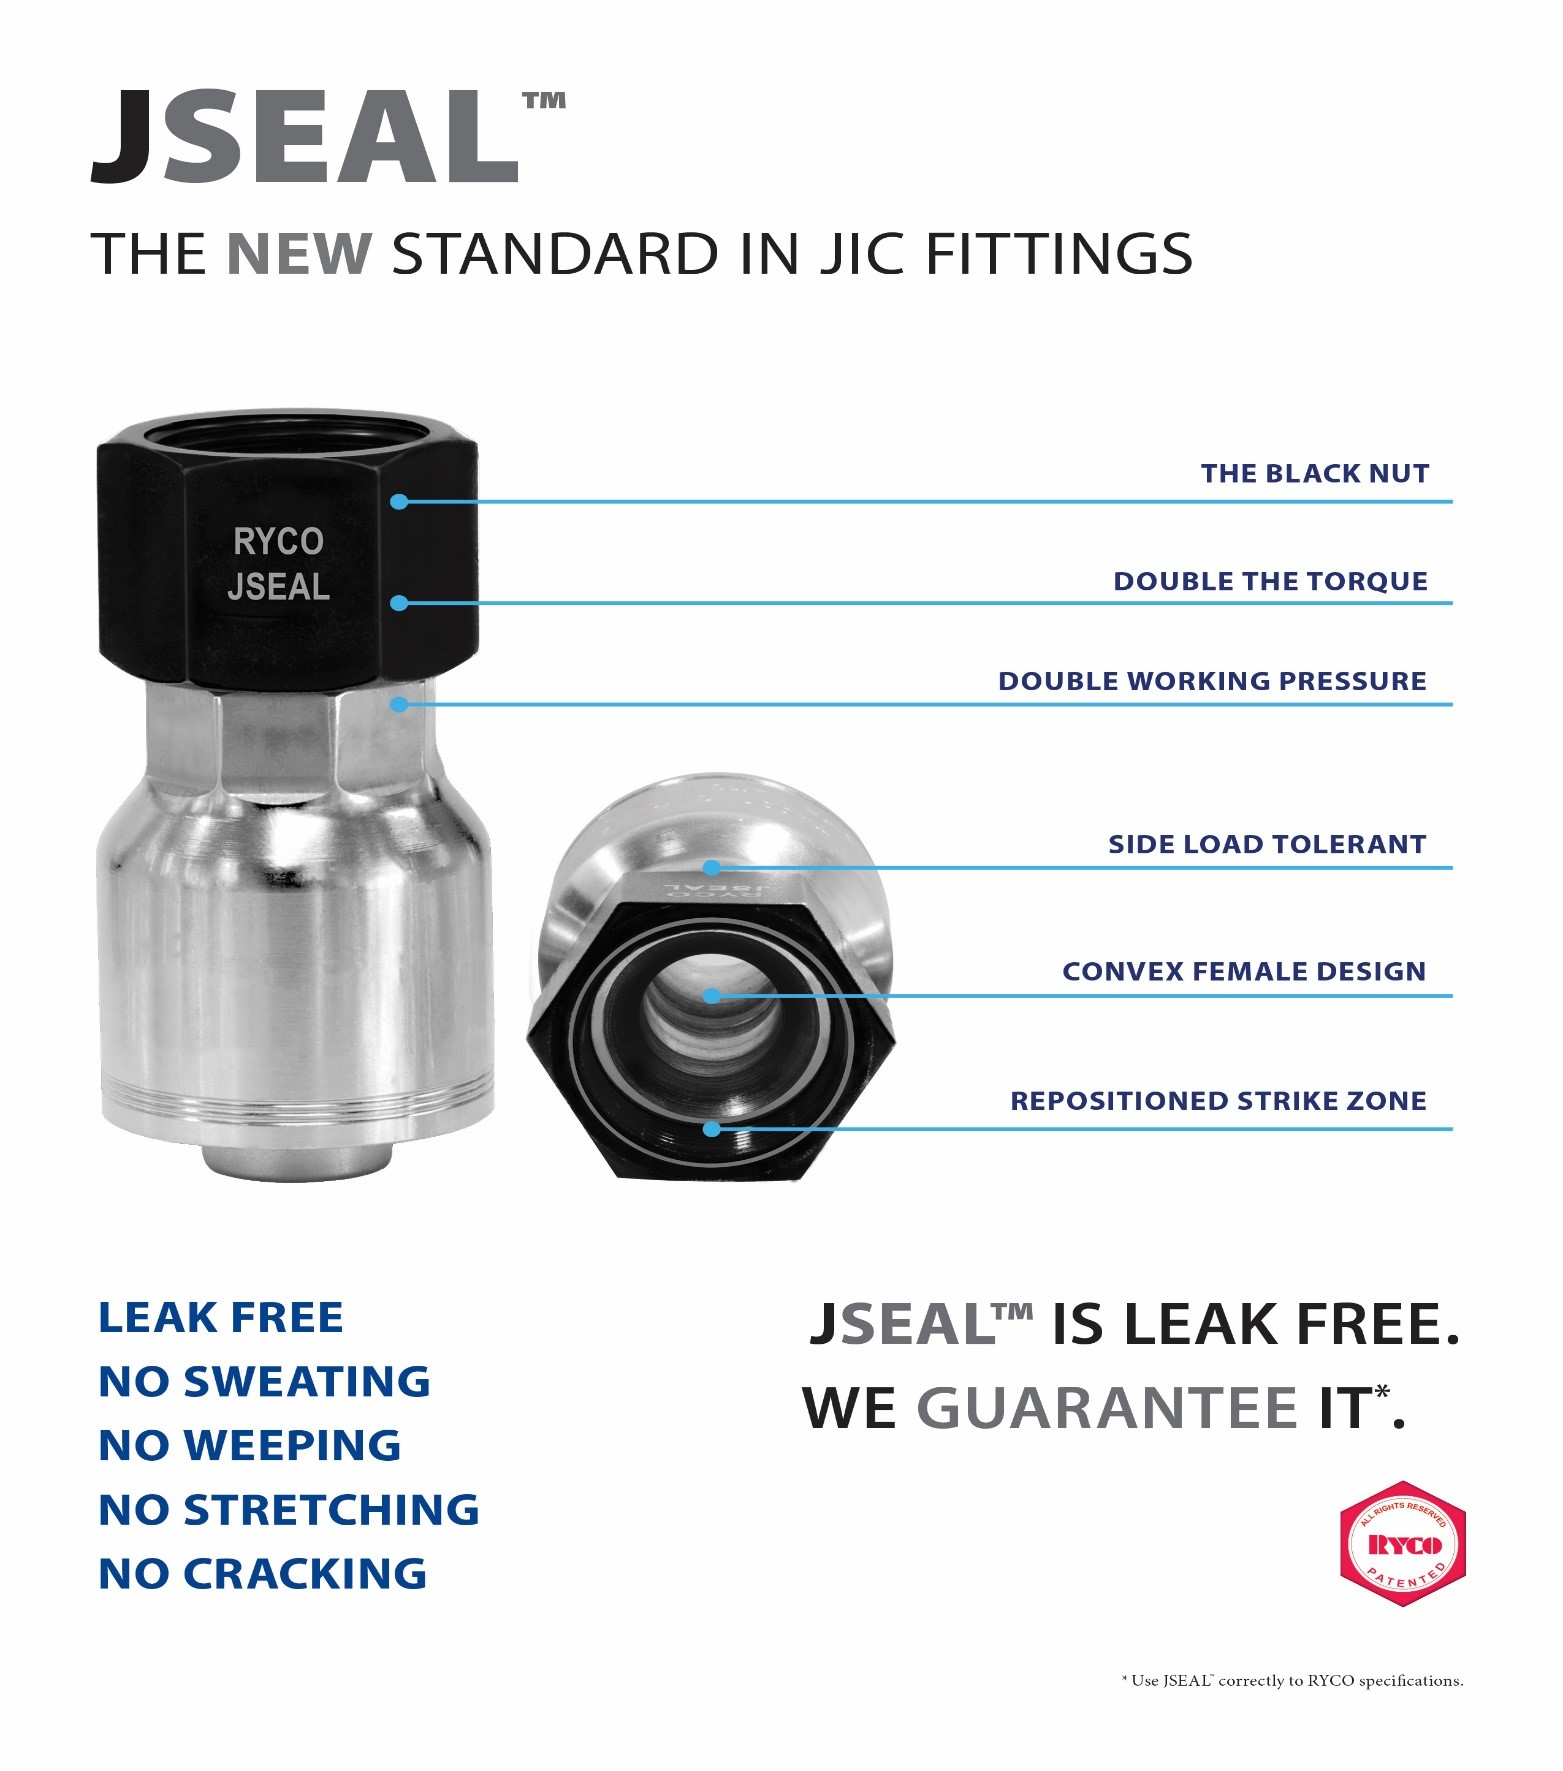 jseal